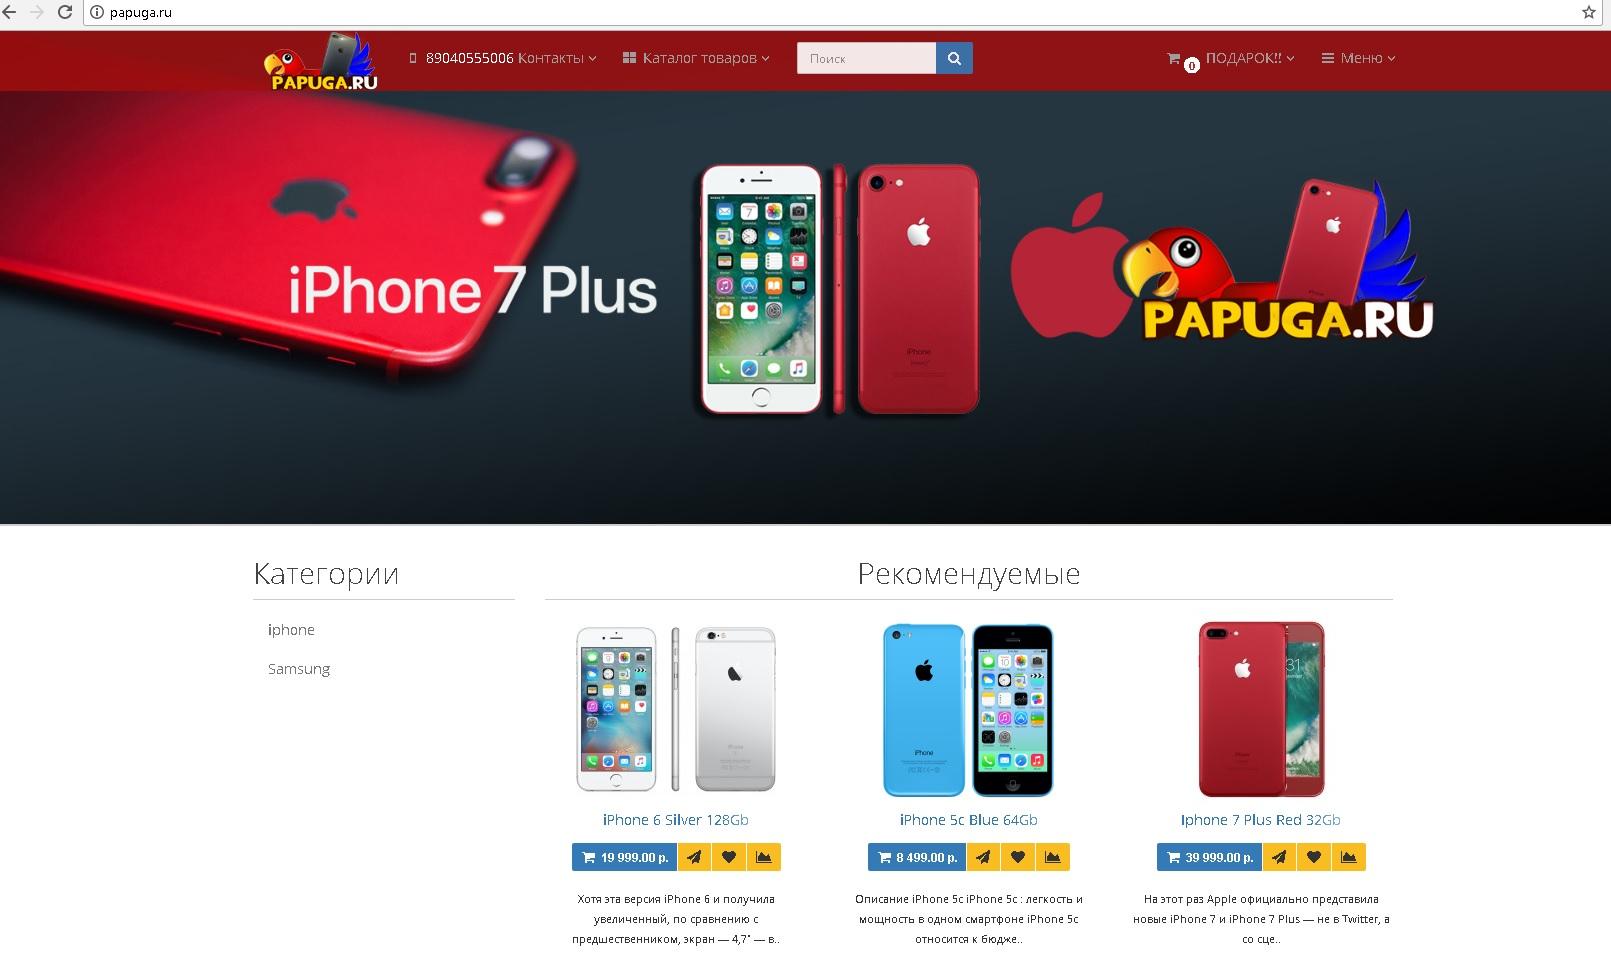 Интернет-магазин Папуга